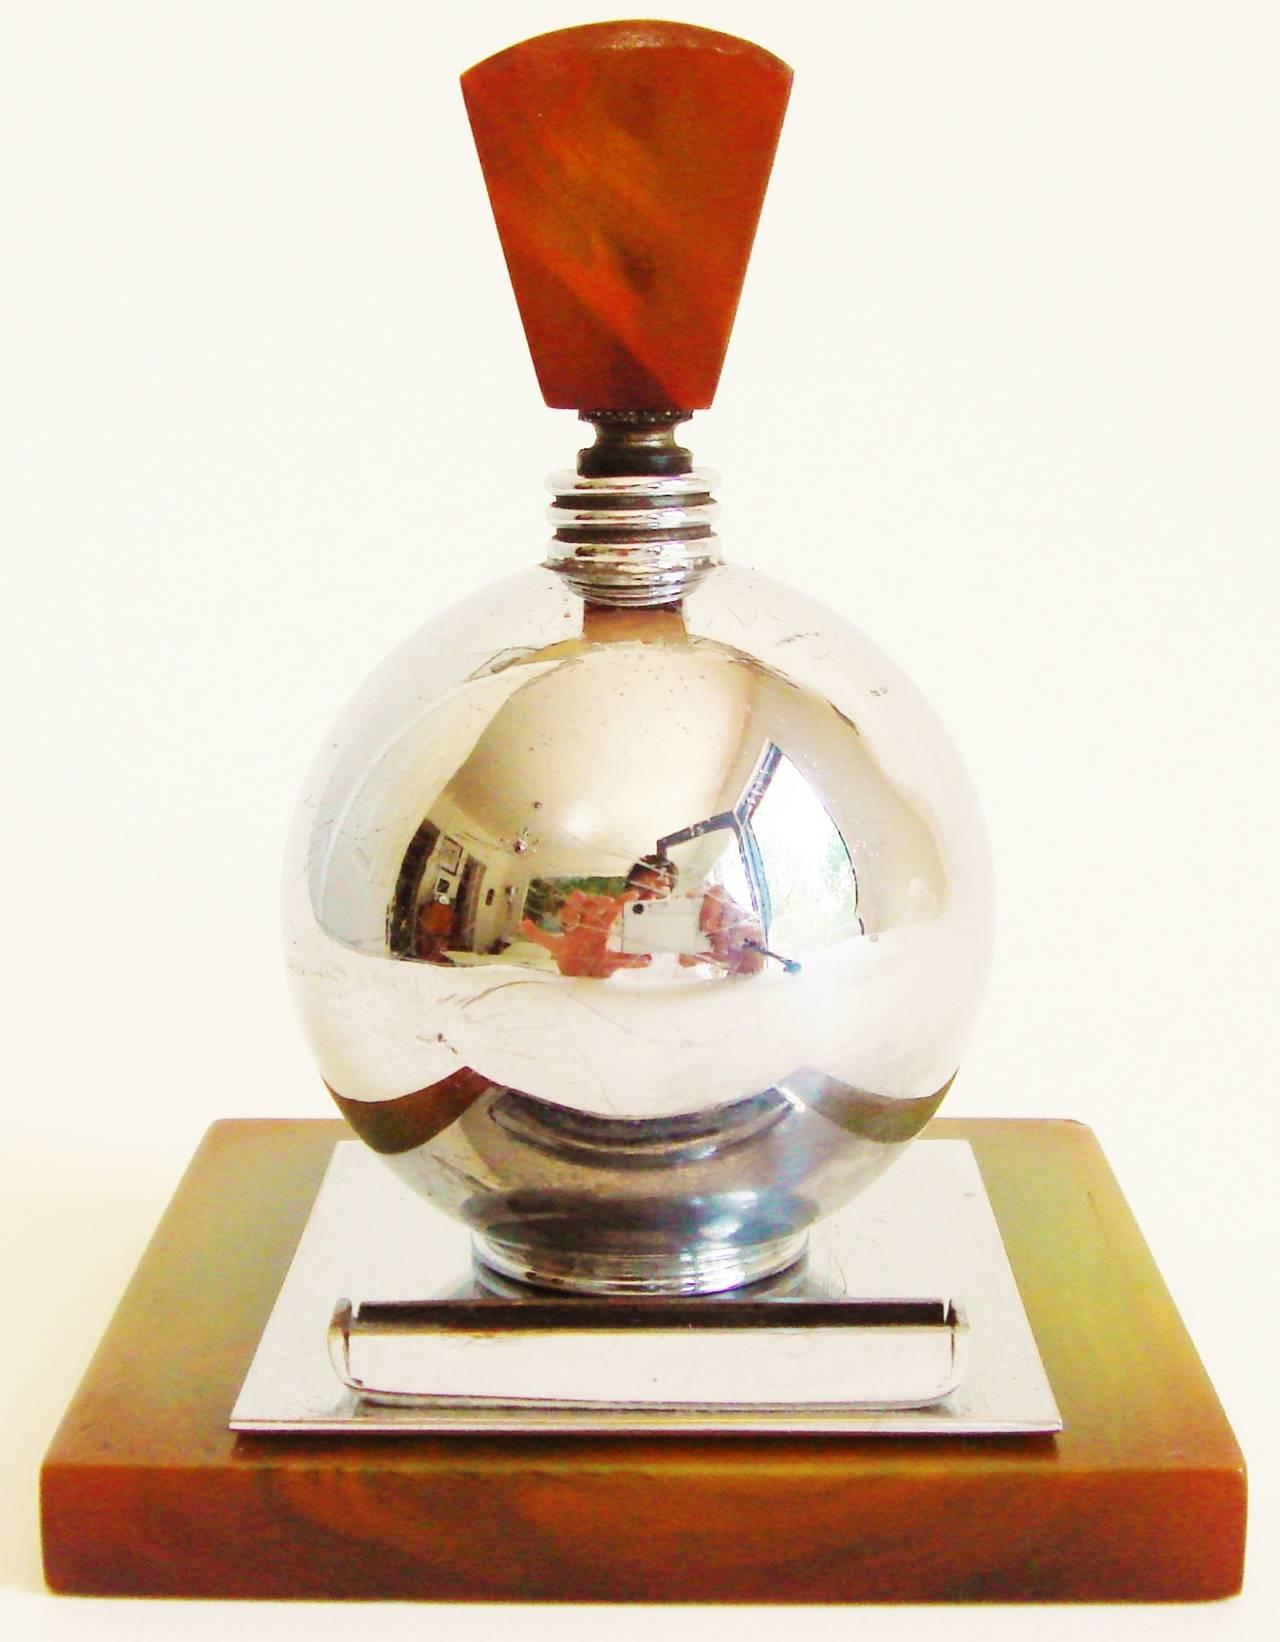 Rare English Art Deco Chrome and Bakelite Spherical Striker Table Lighter For Sale 3